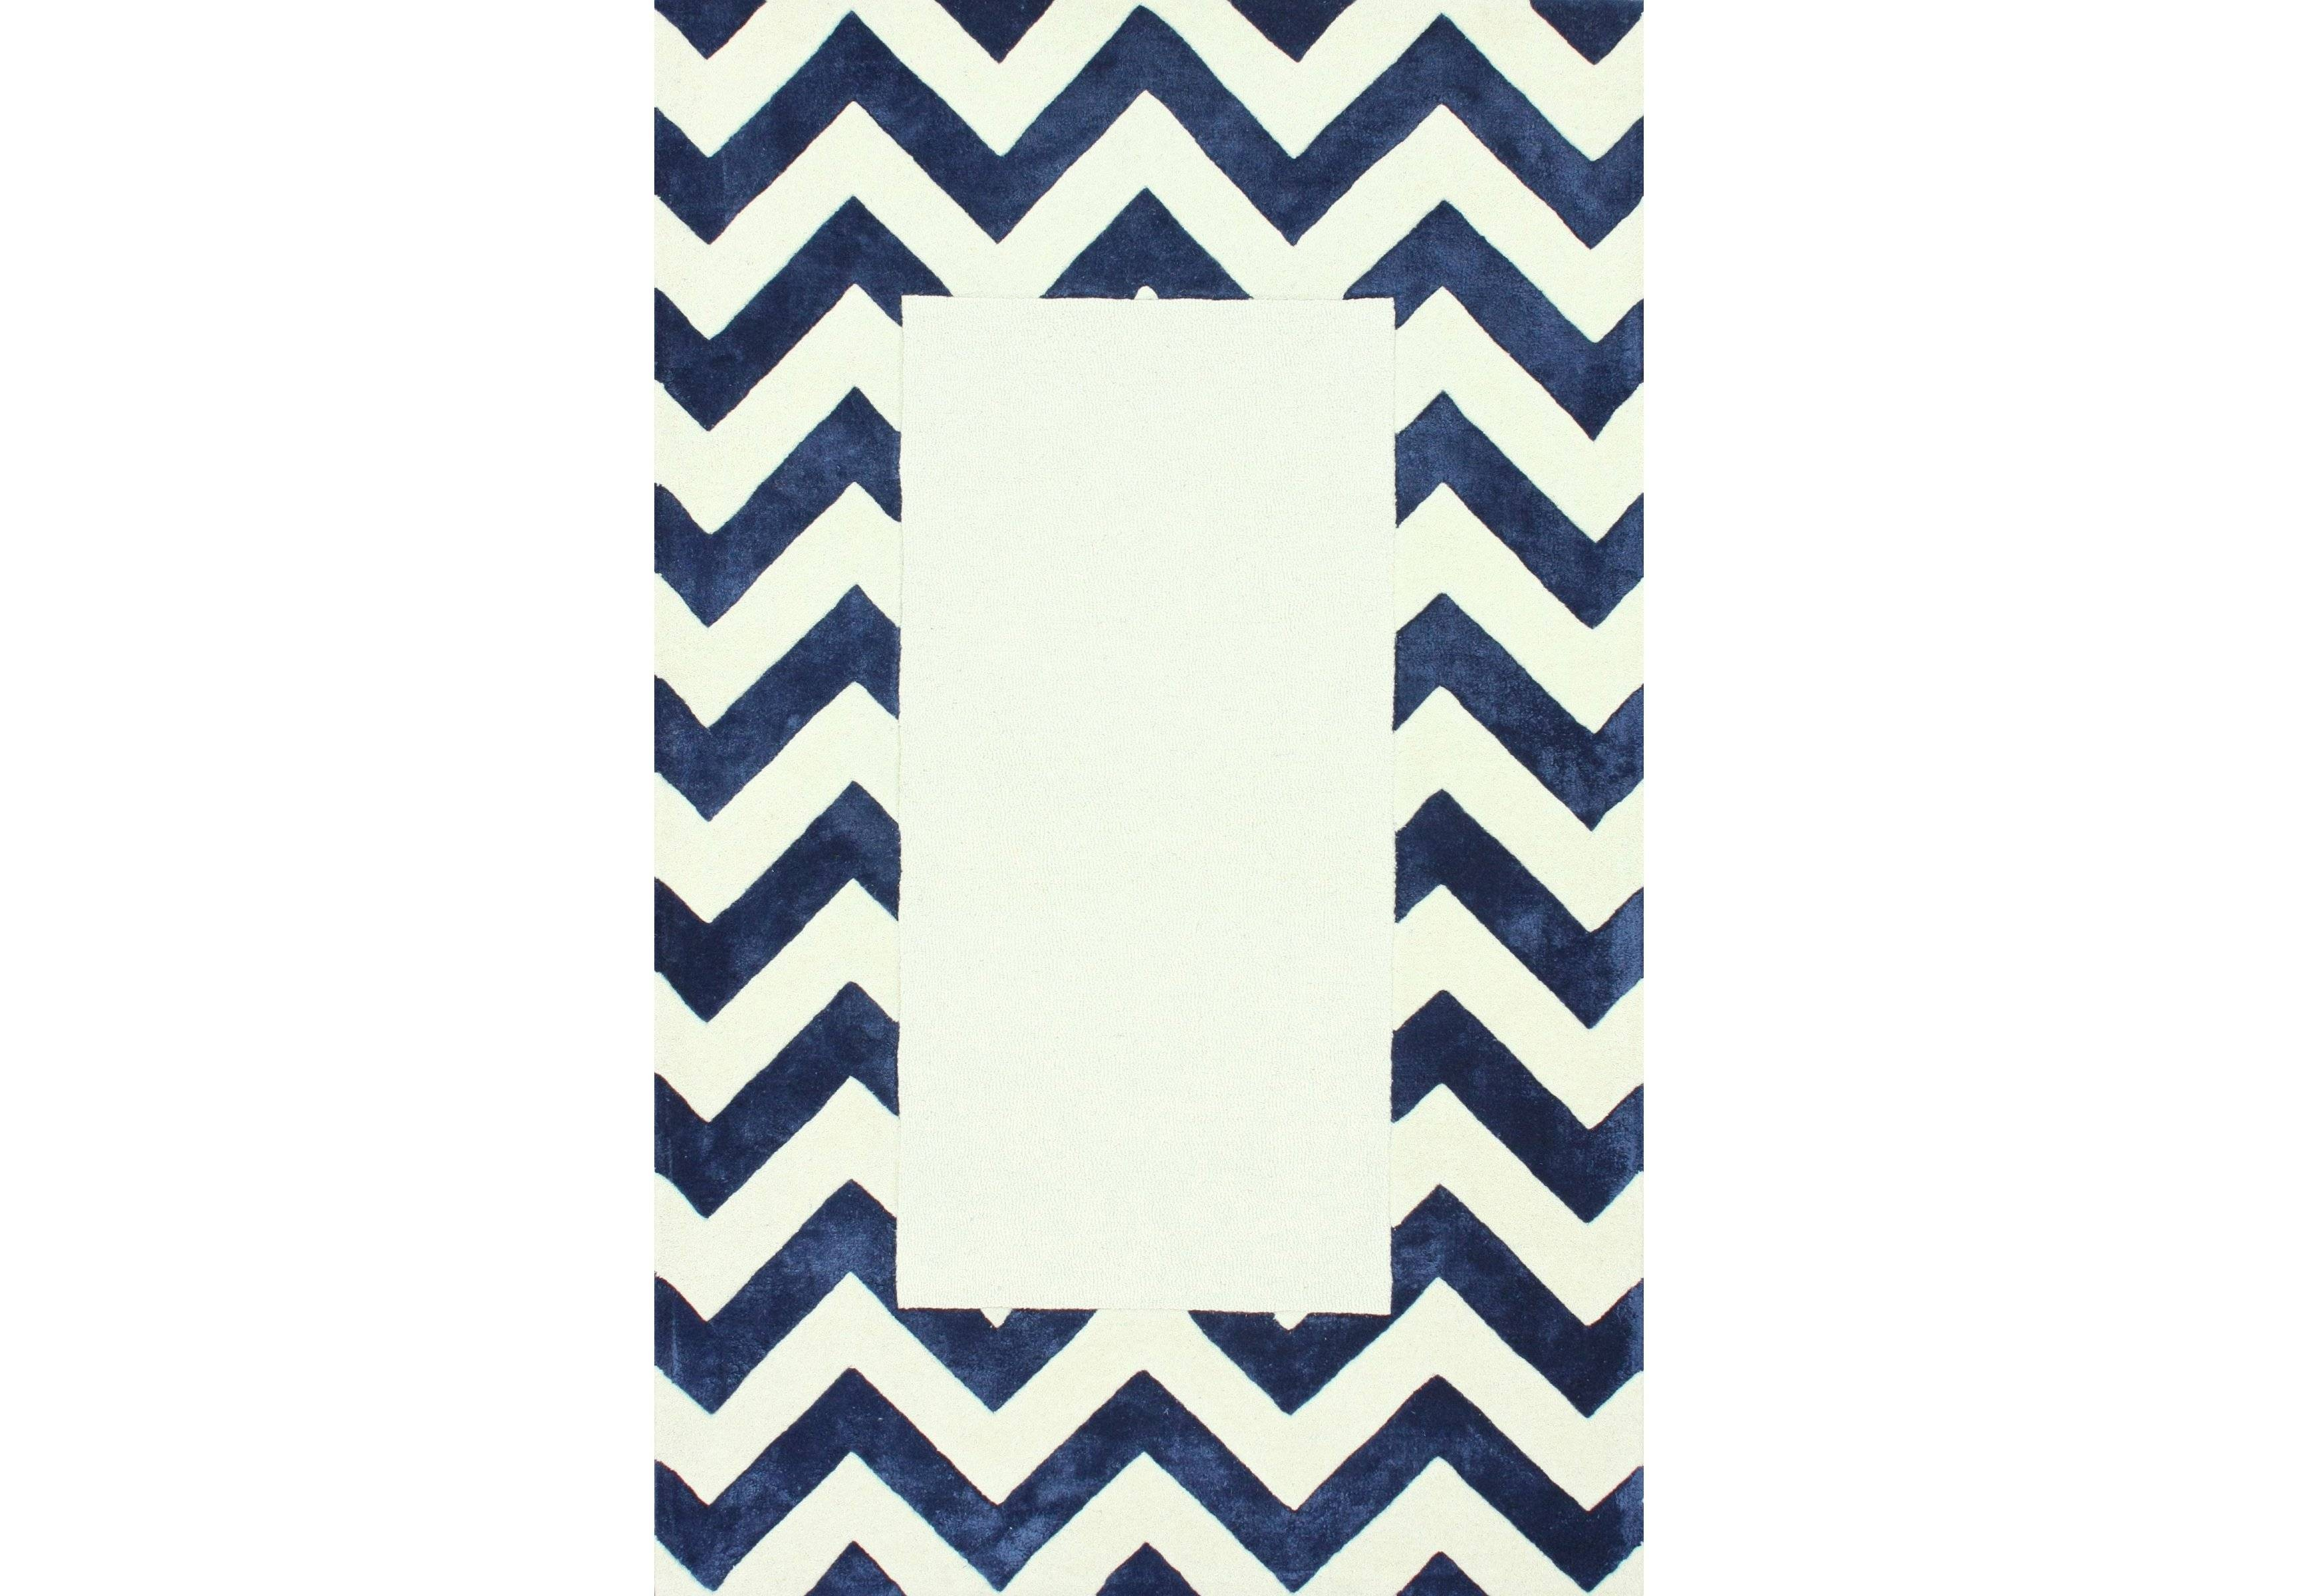 Ковер Zig-zag 230х160Прямоугольные ковры<br>Бело-синий ковер с рисунком зиг-заг (шеврон) <br>искусно сочетает в себе модный рисунок <br>и классику вне времени. Ковер с таким узором <br>легко сделает современным, интерьер в любой <br>комнате. Выполненный по технологии ручного <br>тафтинга, из настоящей шерсти — придаст <br>тепла и мягкости вашим полам.&amp;amp;nbsp;&amp;lt;div&amp;gt;&amp;lt;br&amp;gt;&amp;lt;/div&amp;gt;&amp;lt;div&amp;gt;Ковер может <br>быть изготовлен в любом из широкого спектра <br>цветов: серый, черный, светло-голубой, бежевый, <br>горчичный, синий, голубой, темно-синий, зеленый, <br>кремовый, розовый, оранжевый.&amp;lt;/div&amp;gt;<br><br>Material: Шерсть<br>Ширина см: 160<br>Глубина см: 230